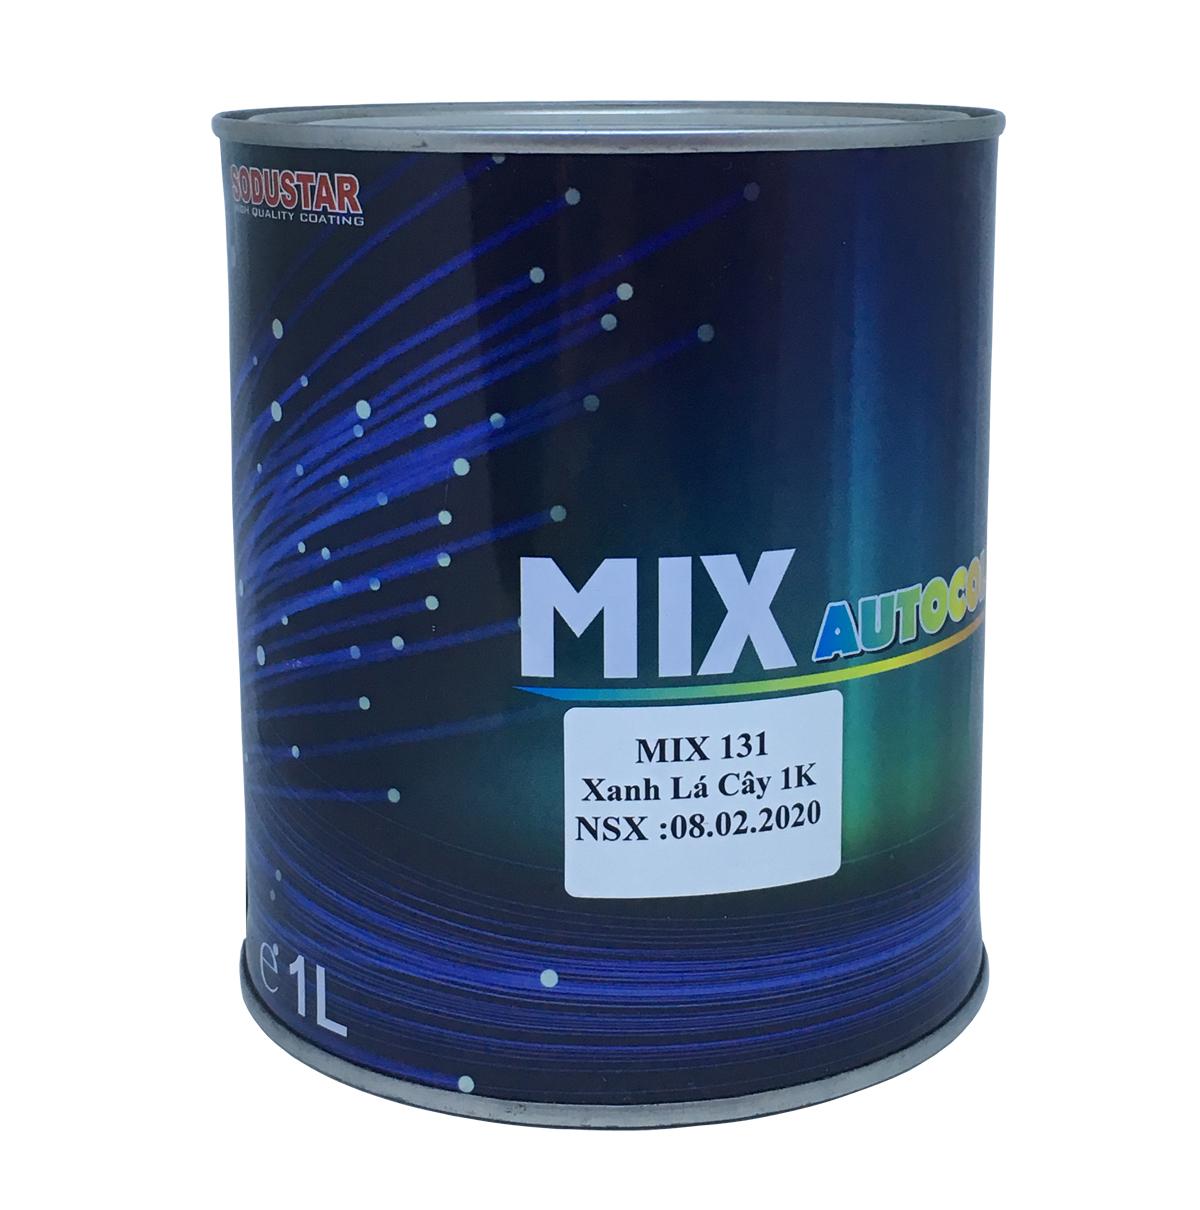 Sơn màu Xanh lá cây 1 thành phần (1K) - MIX 131